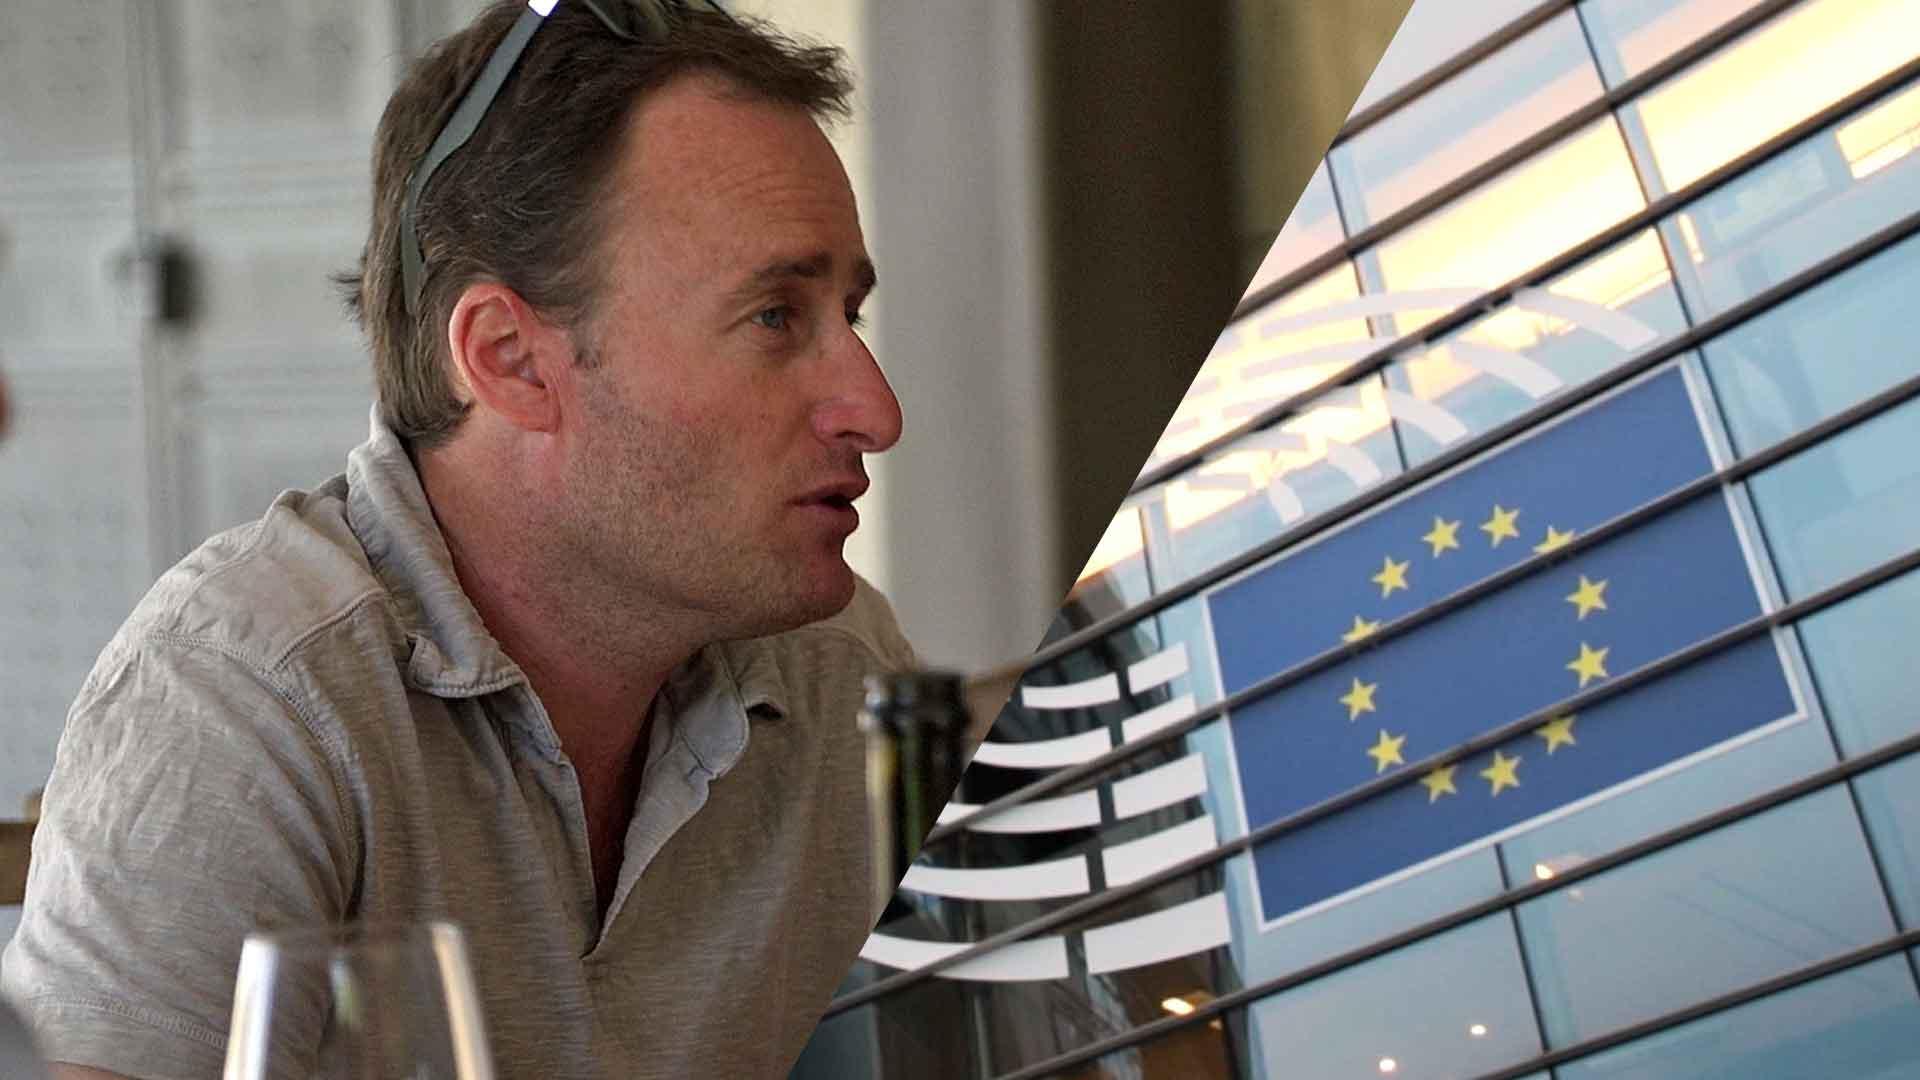 Betreibt die EU Etikettenschwindel?